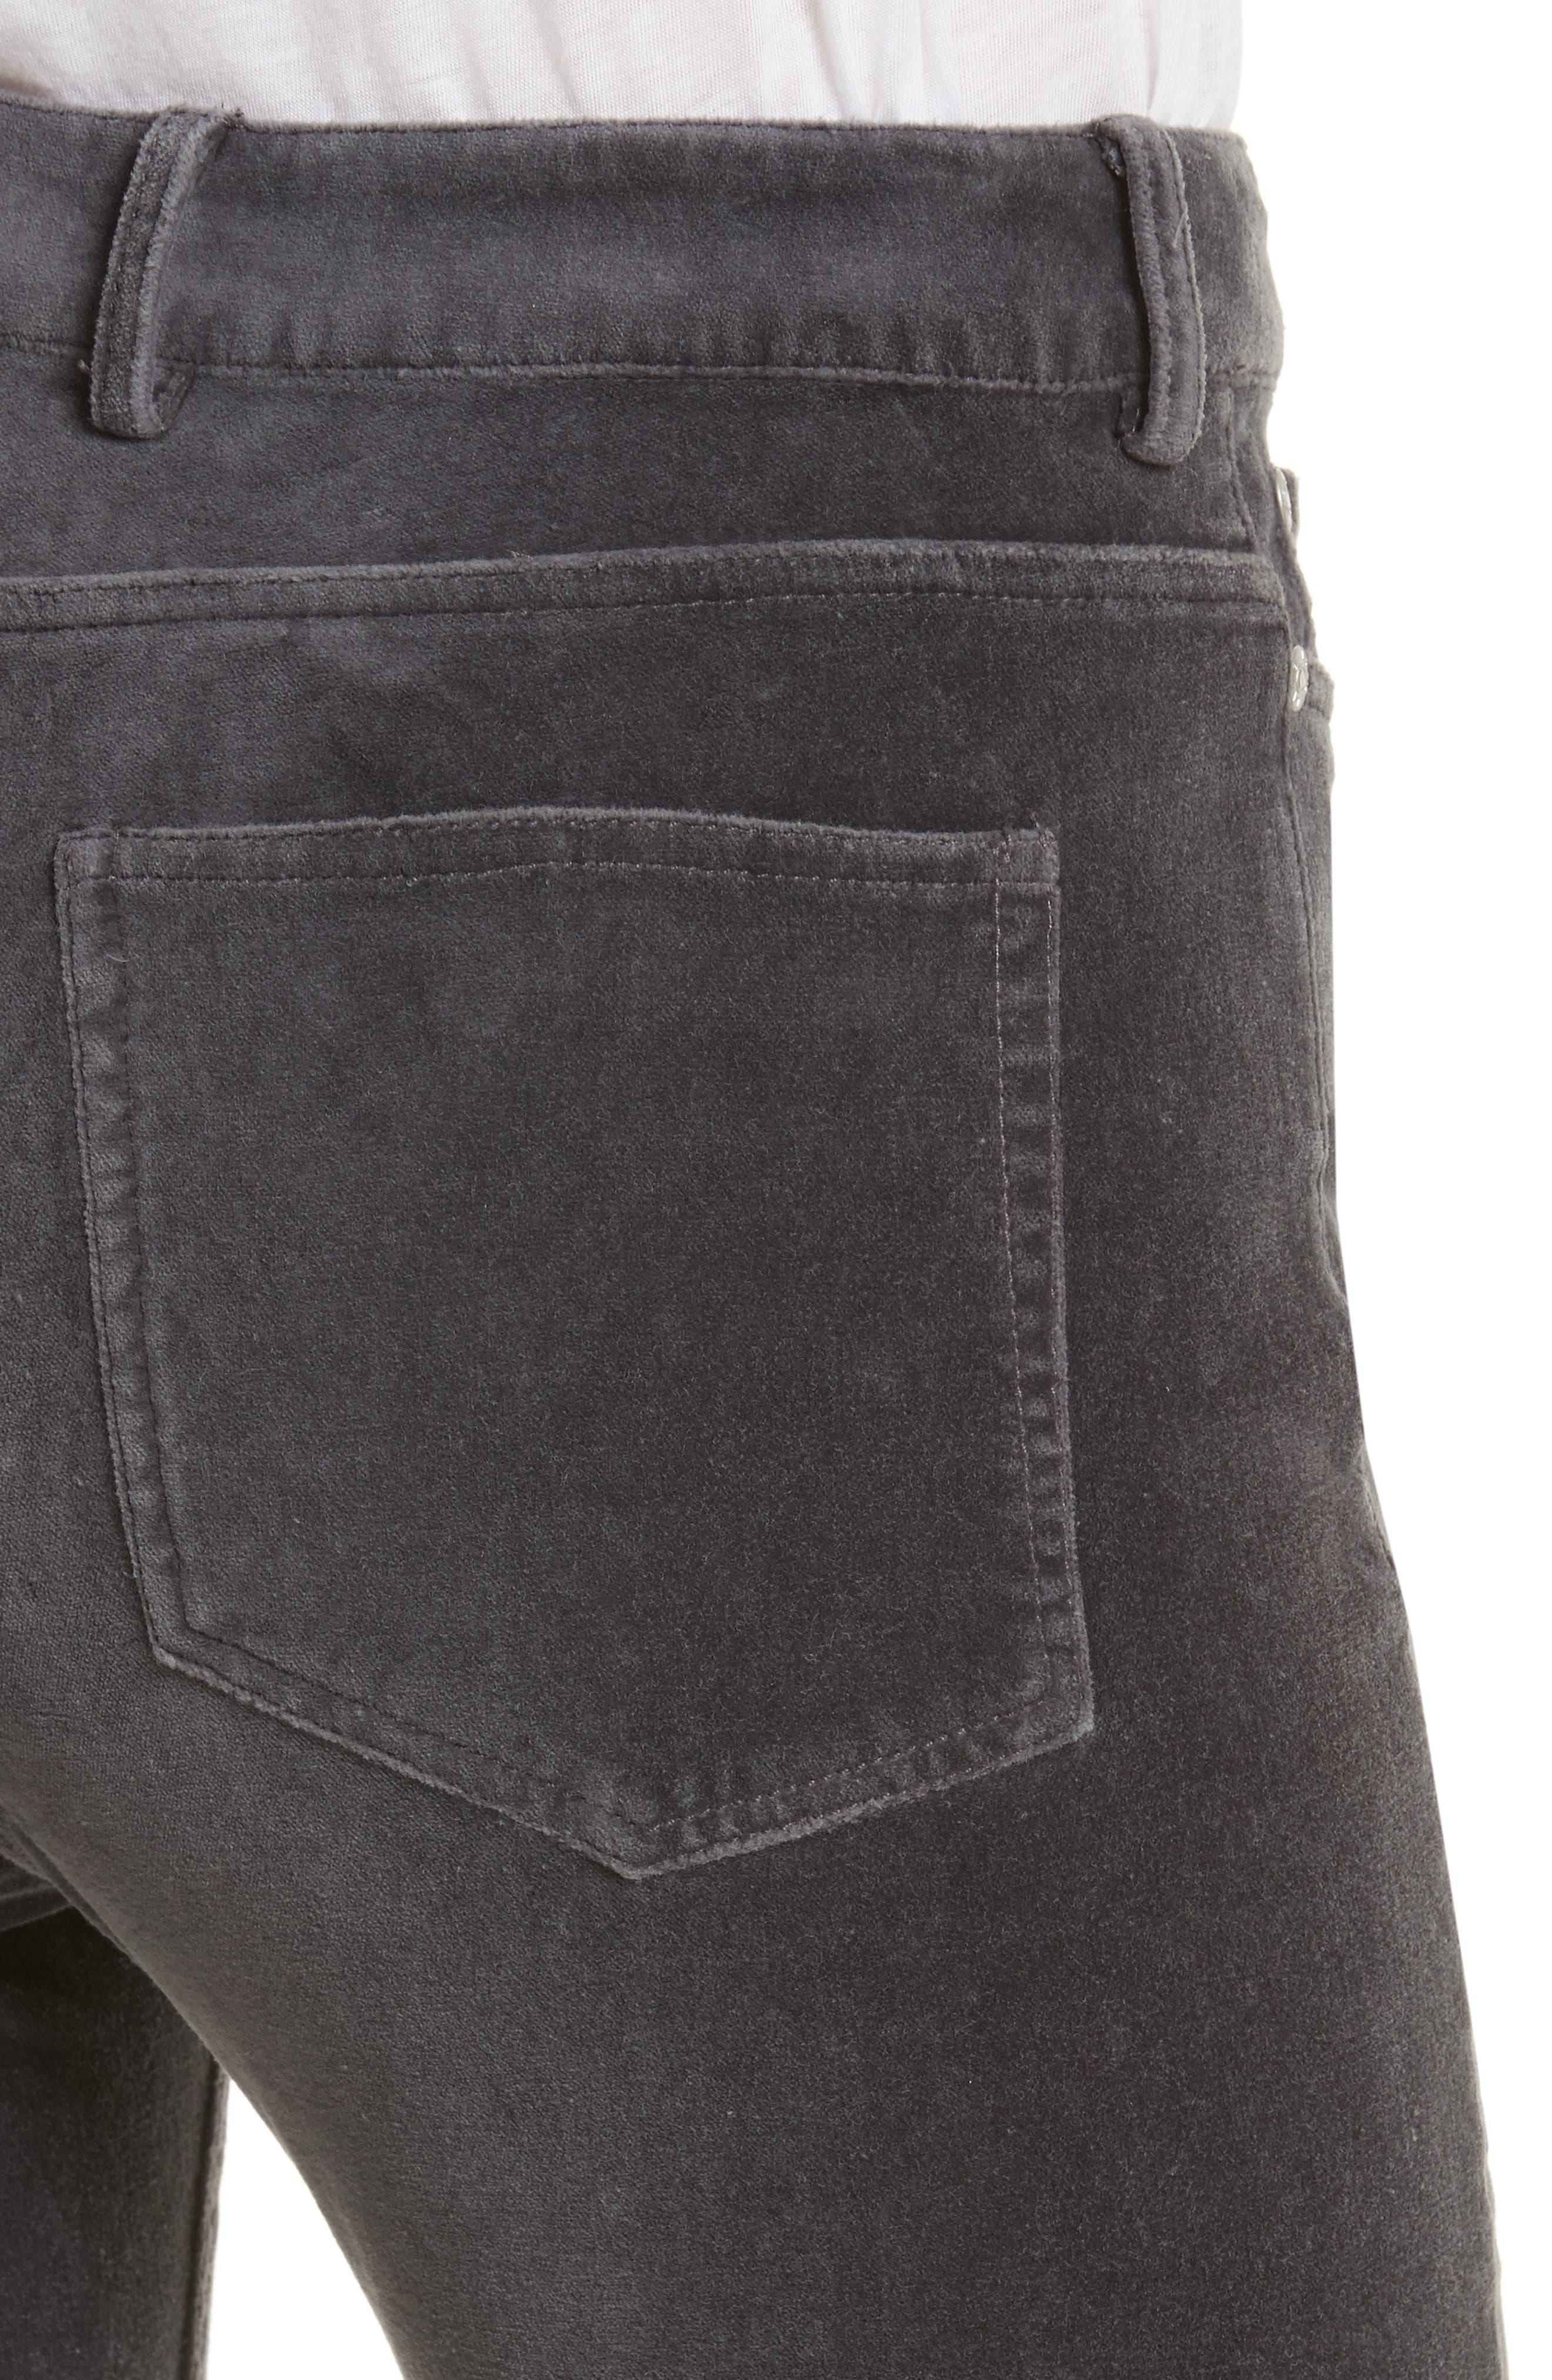 Velvet Clemence Skinny Pants,                             Alternate thumbnail 4, color,                             099